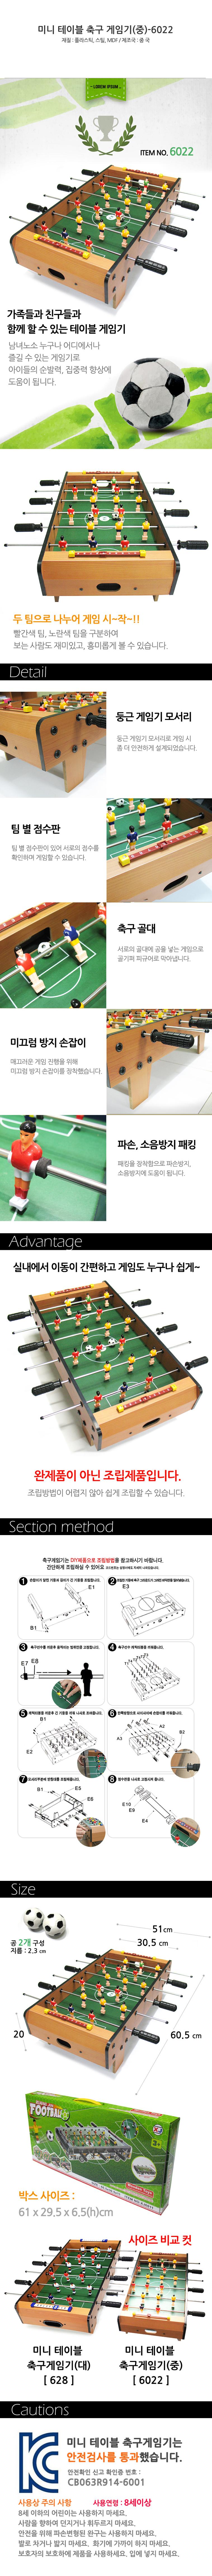 데코앤 미니 테이블 축구 게임기 (중) - 세계토이, 48,000원, 보드게임, 2인용 게임